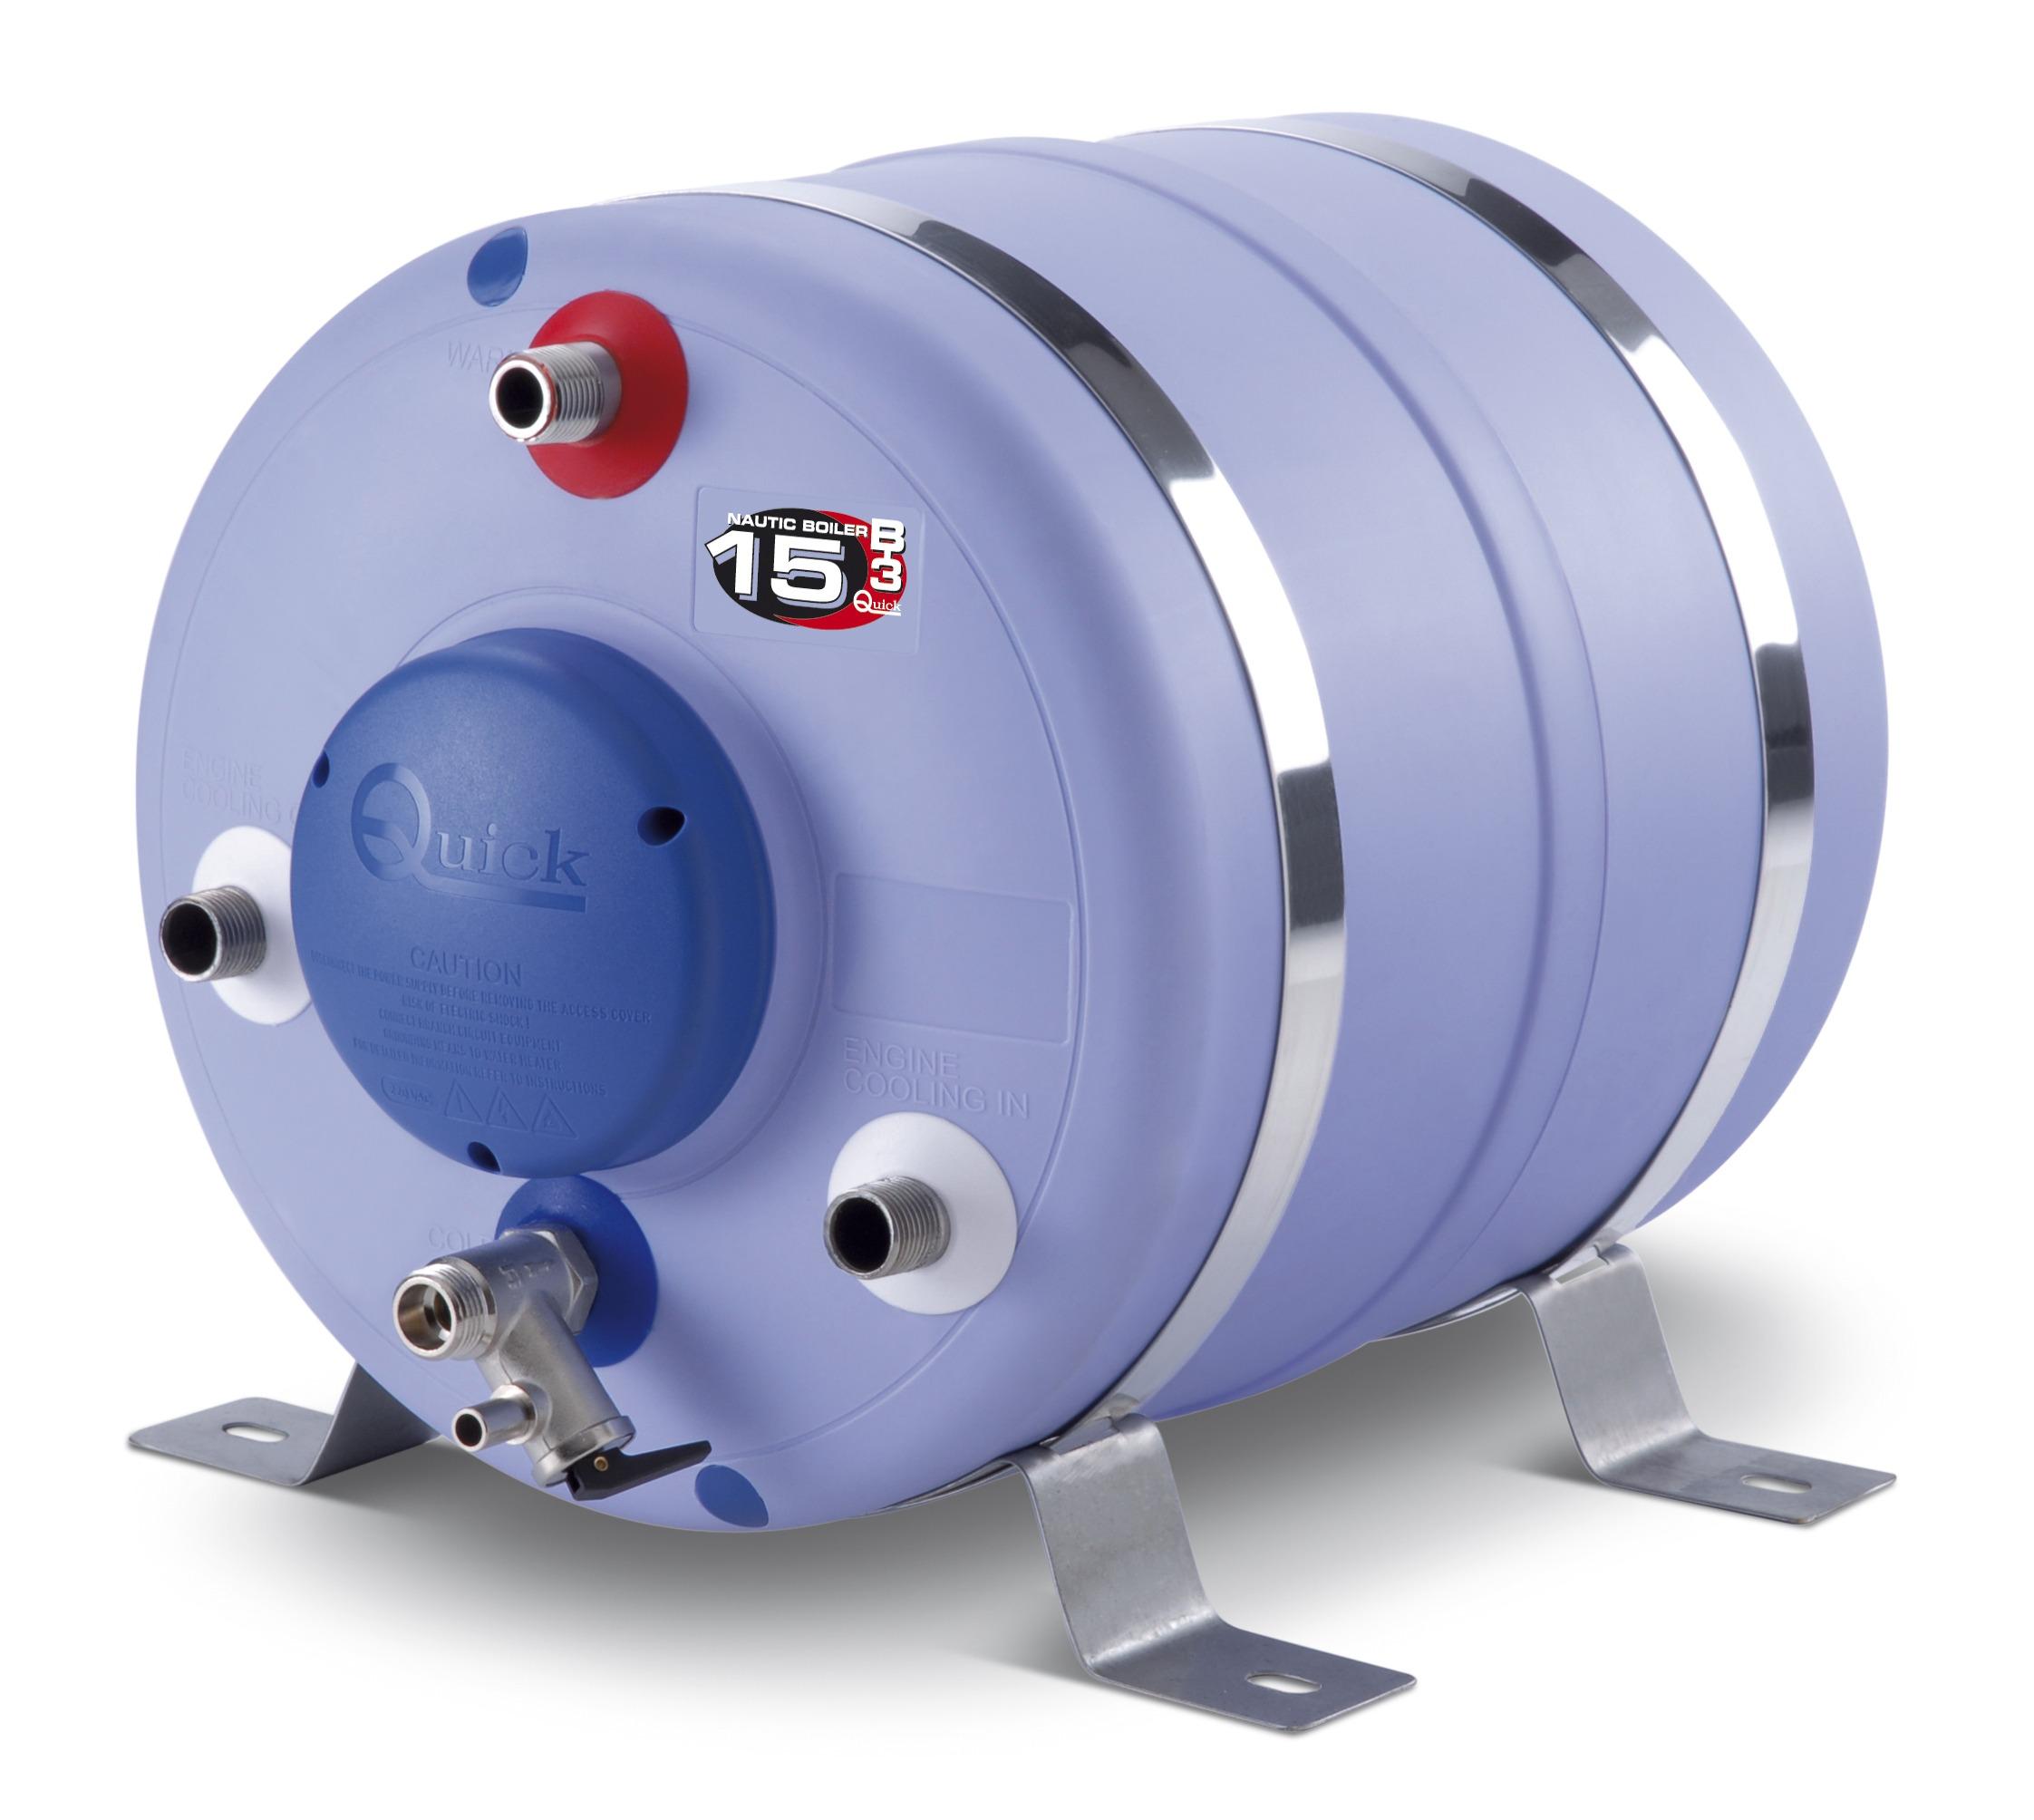 3.9 Gal 110 volt  B3 Nautic Boiler